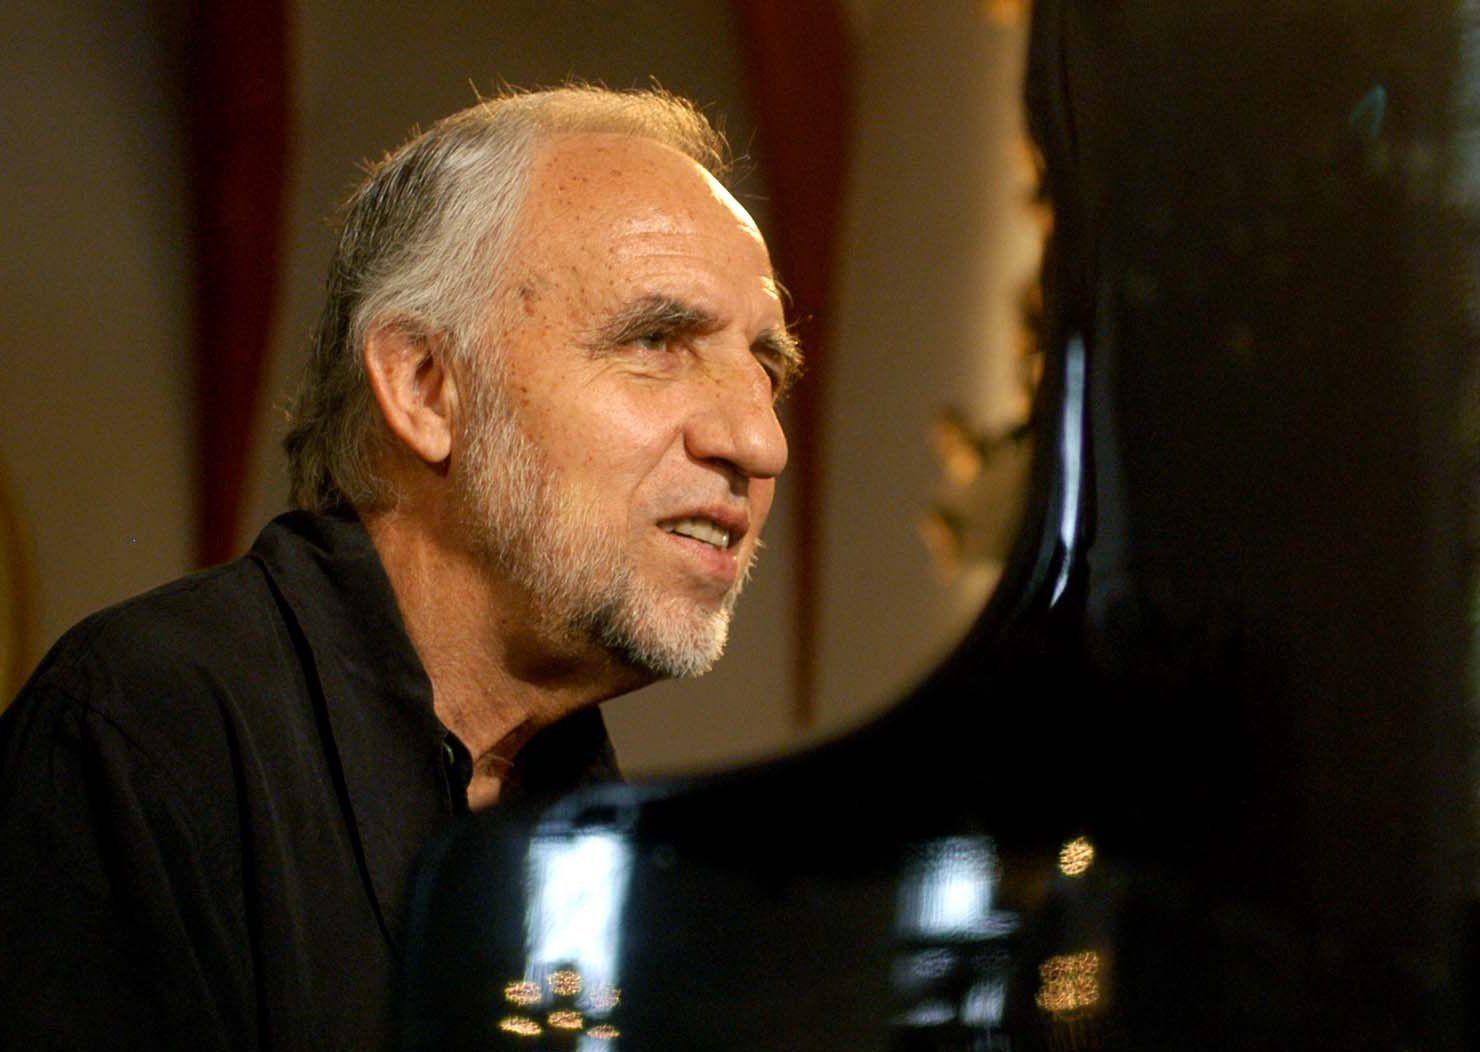 Jacques Loussier y el Preludio Nº 1 BWM 846 deJohann Sebastian Bach